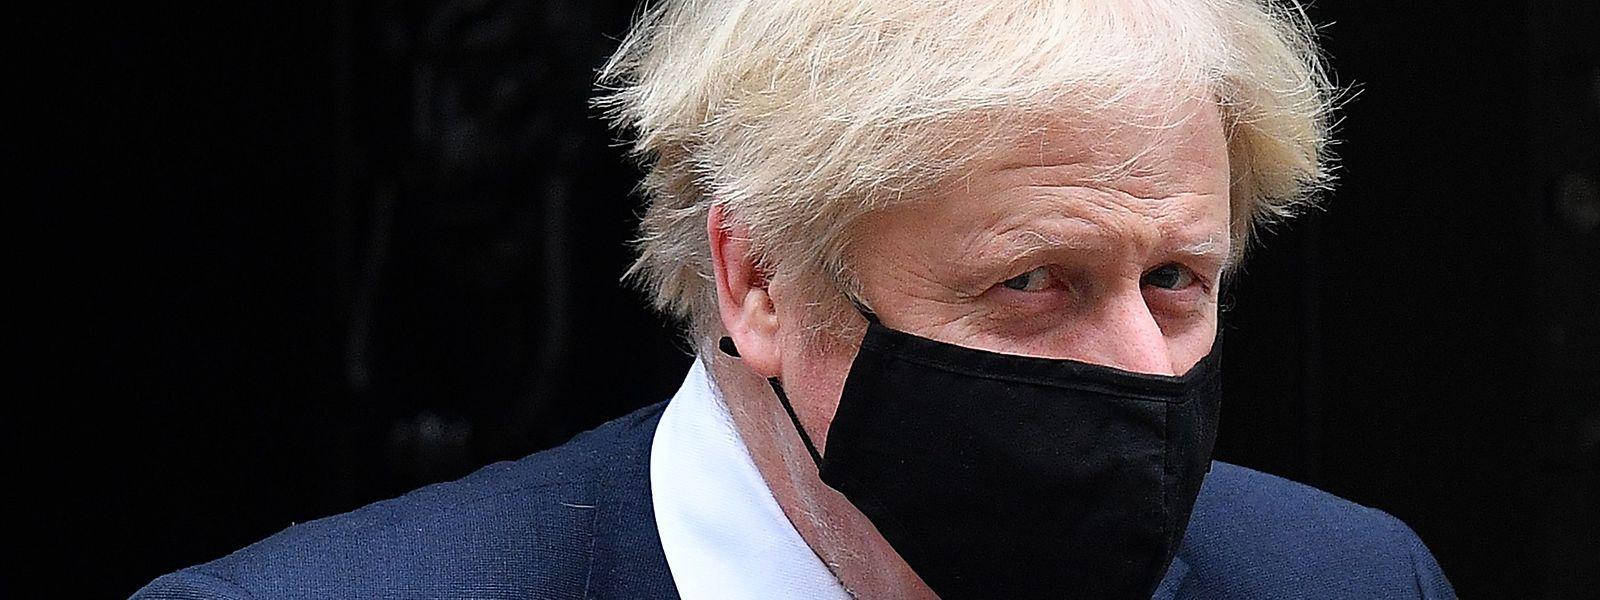 Der britische Premierminister Boris Johnson pocht darauf, dass Großbritannien nicht auf ein Freihandelsabkommen mit der EU angewiesen ist. Kritiker sehen das anders.